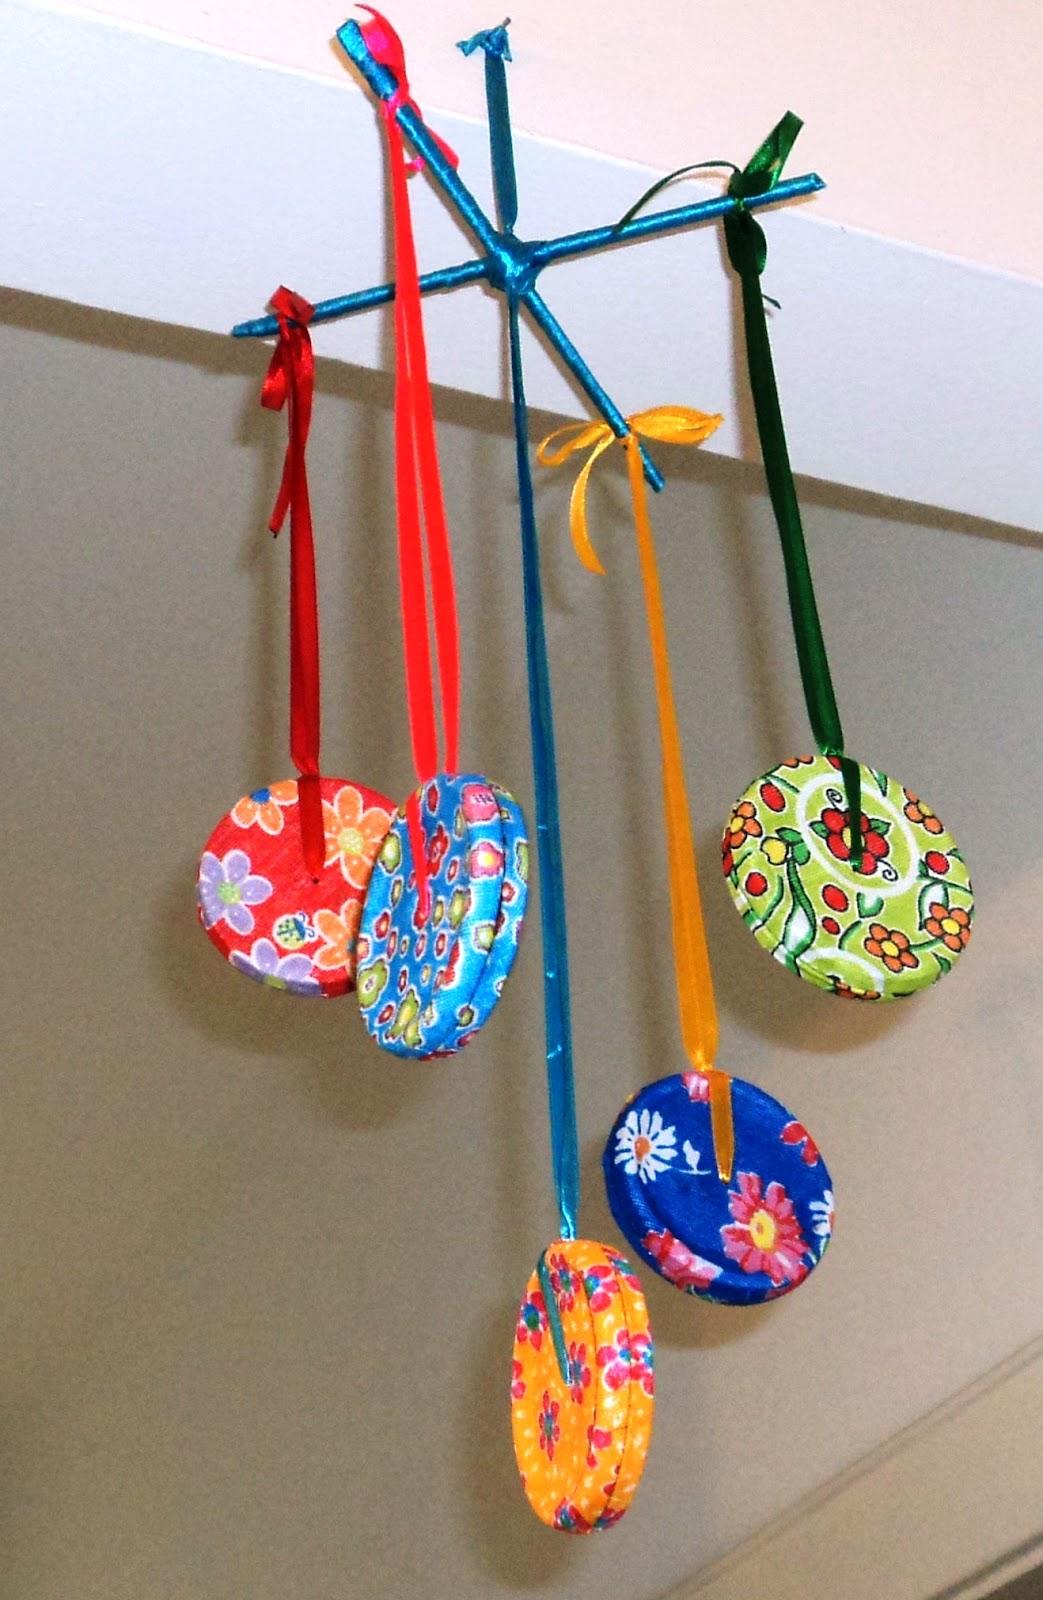 Artesanato Indiano ~ Chica's artesanato reciclado ARTESANATO com chita!